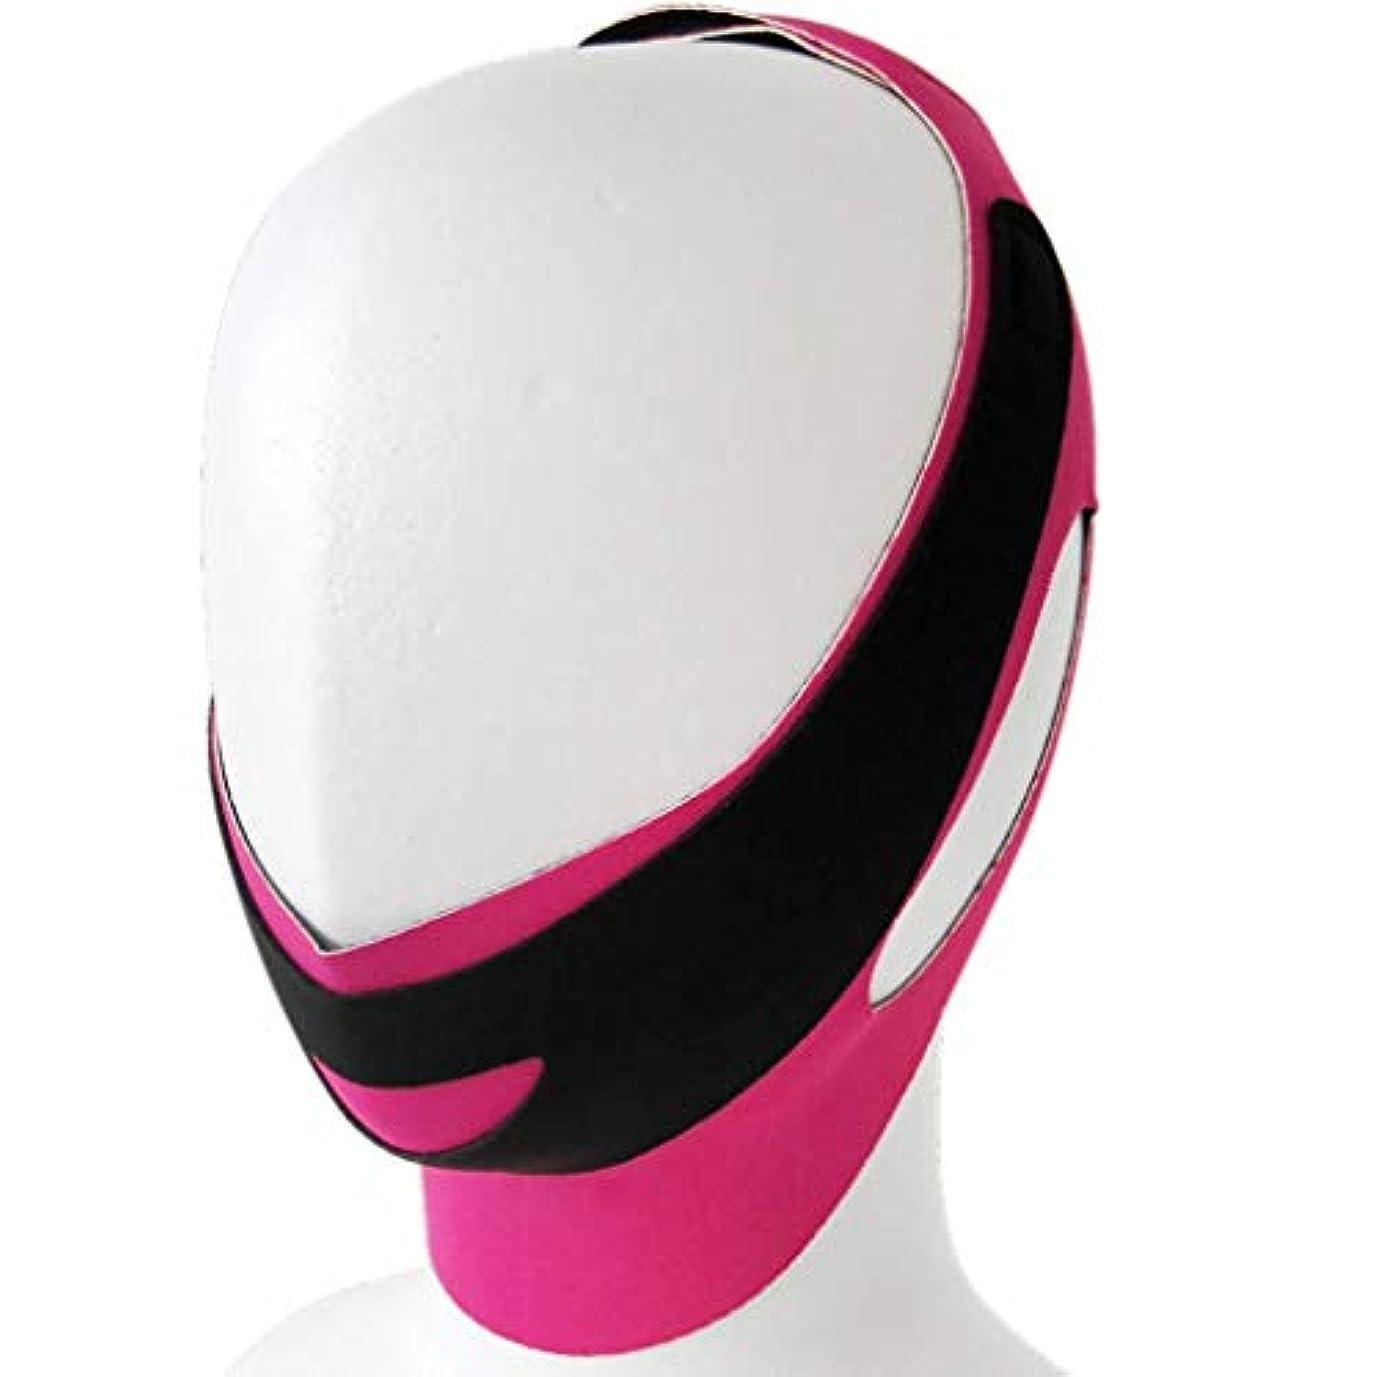 ナース変動するサージ顔と首のリフト術後の弾性フェイスマスク小V顔アーティファクト薄い顔包帯アーティファクトV顔吊り耳リフティング引き締め薄い顔アーティファクト